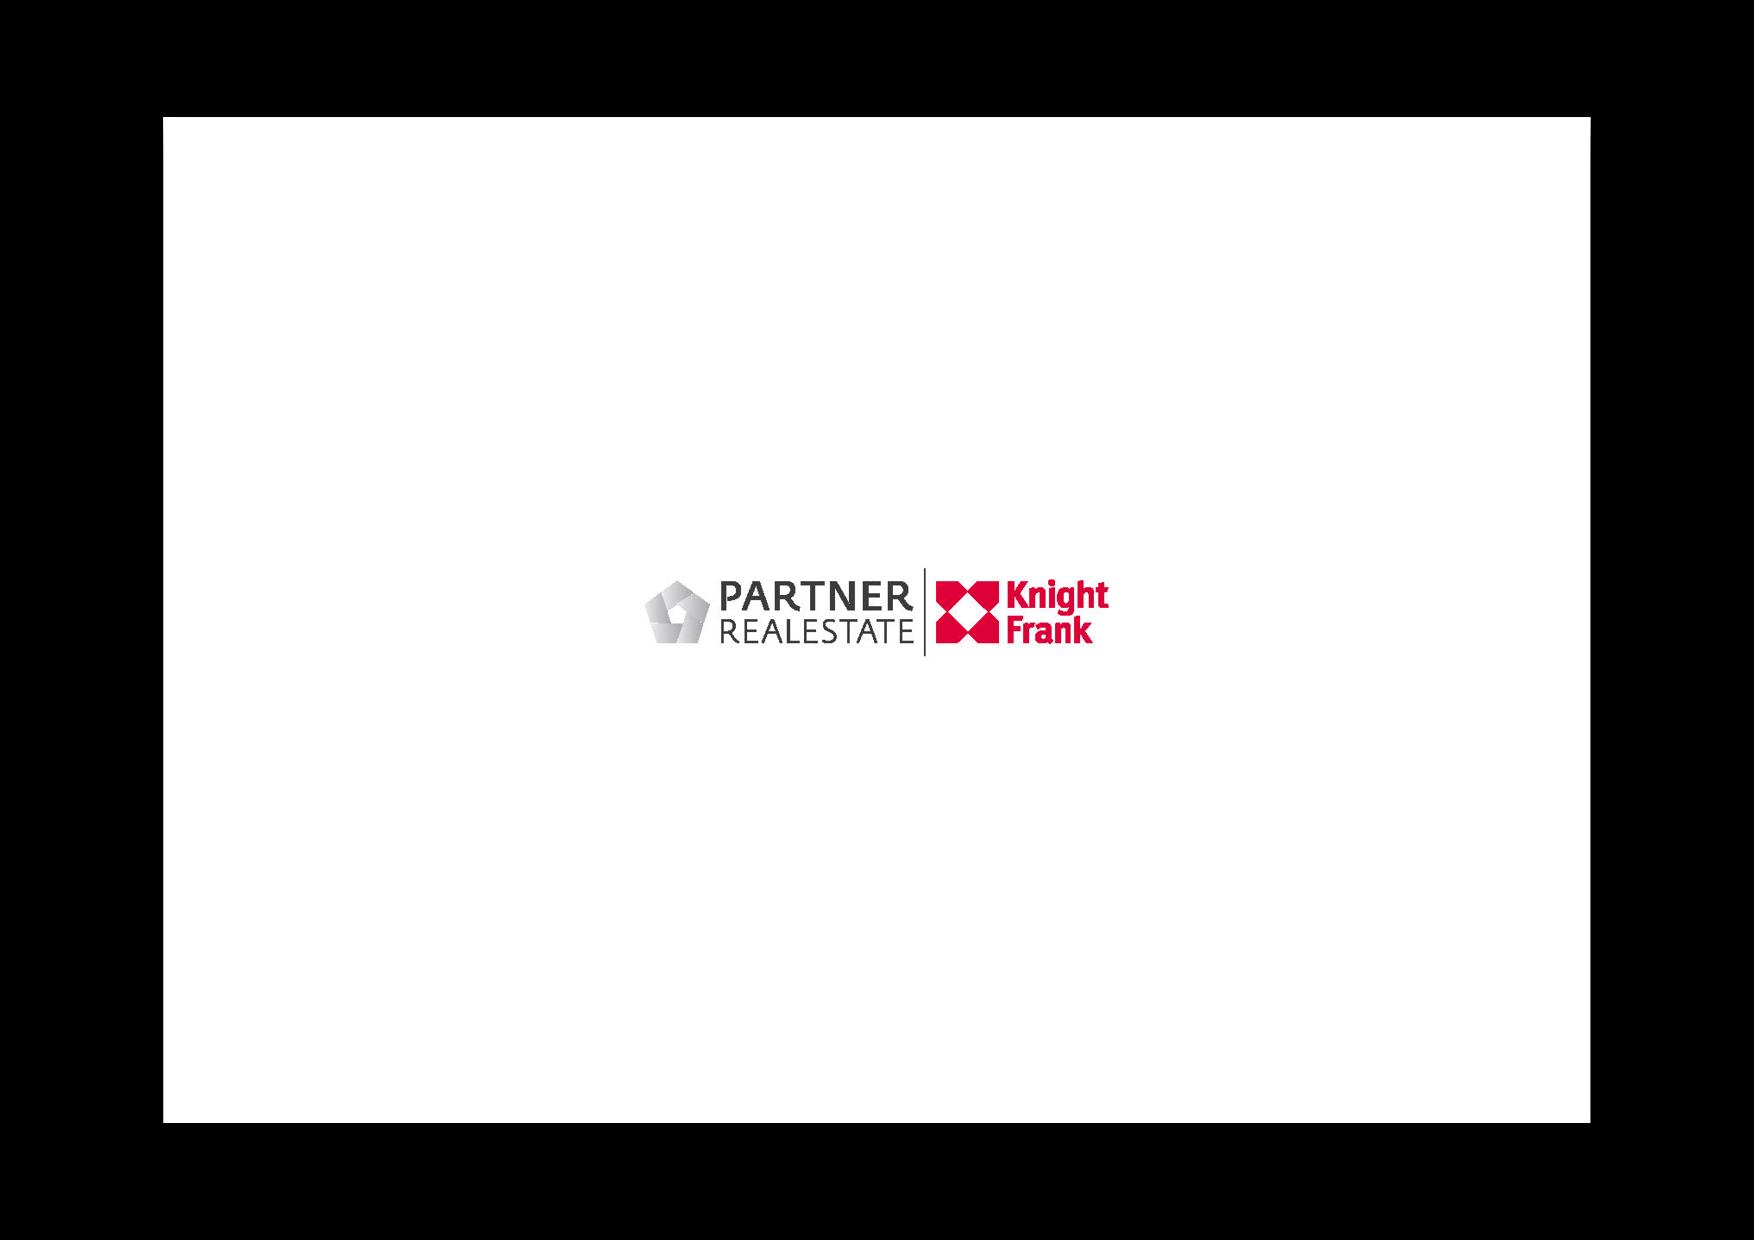 Partner Real Estate - Firma (Deutsch)